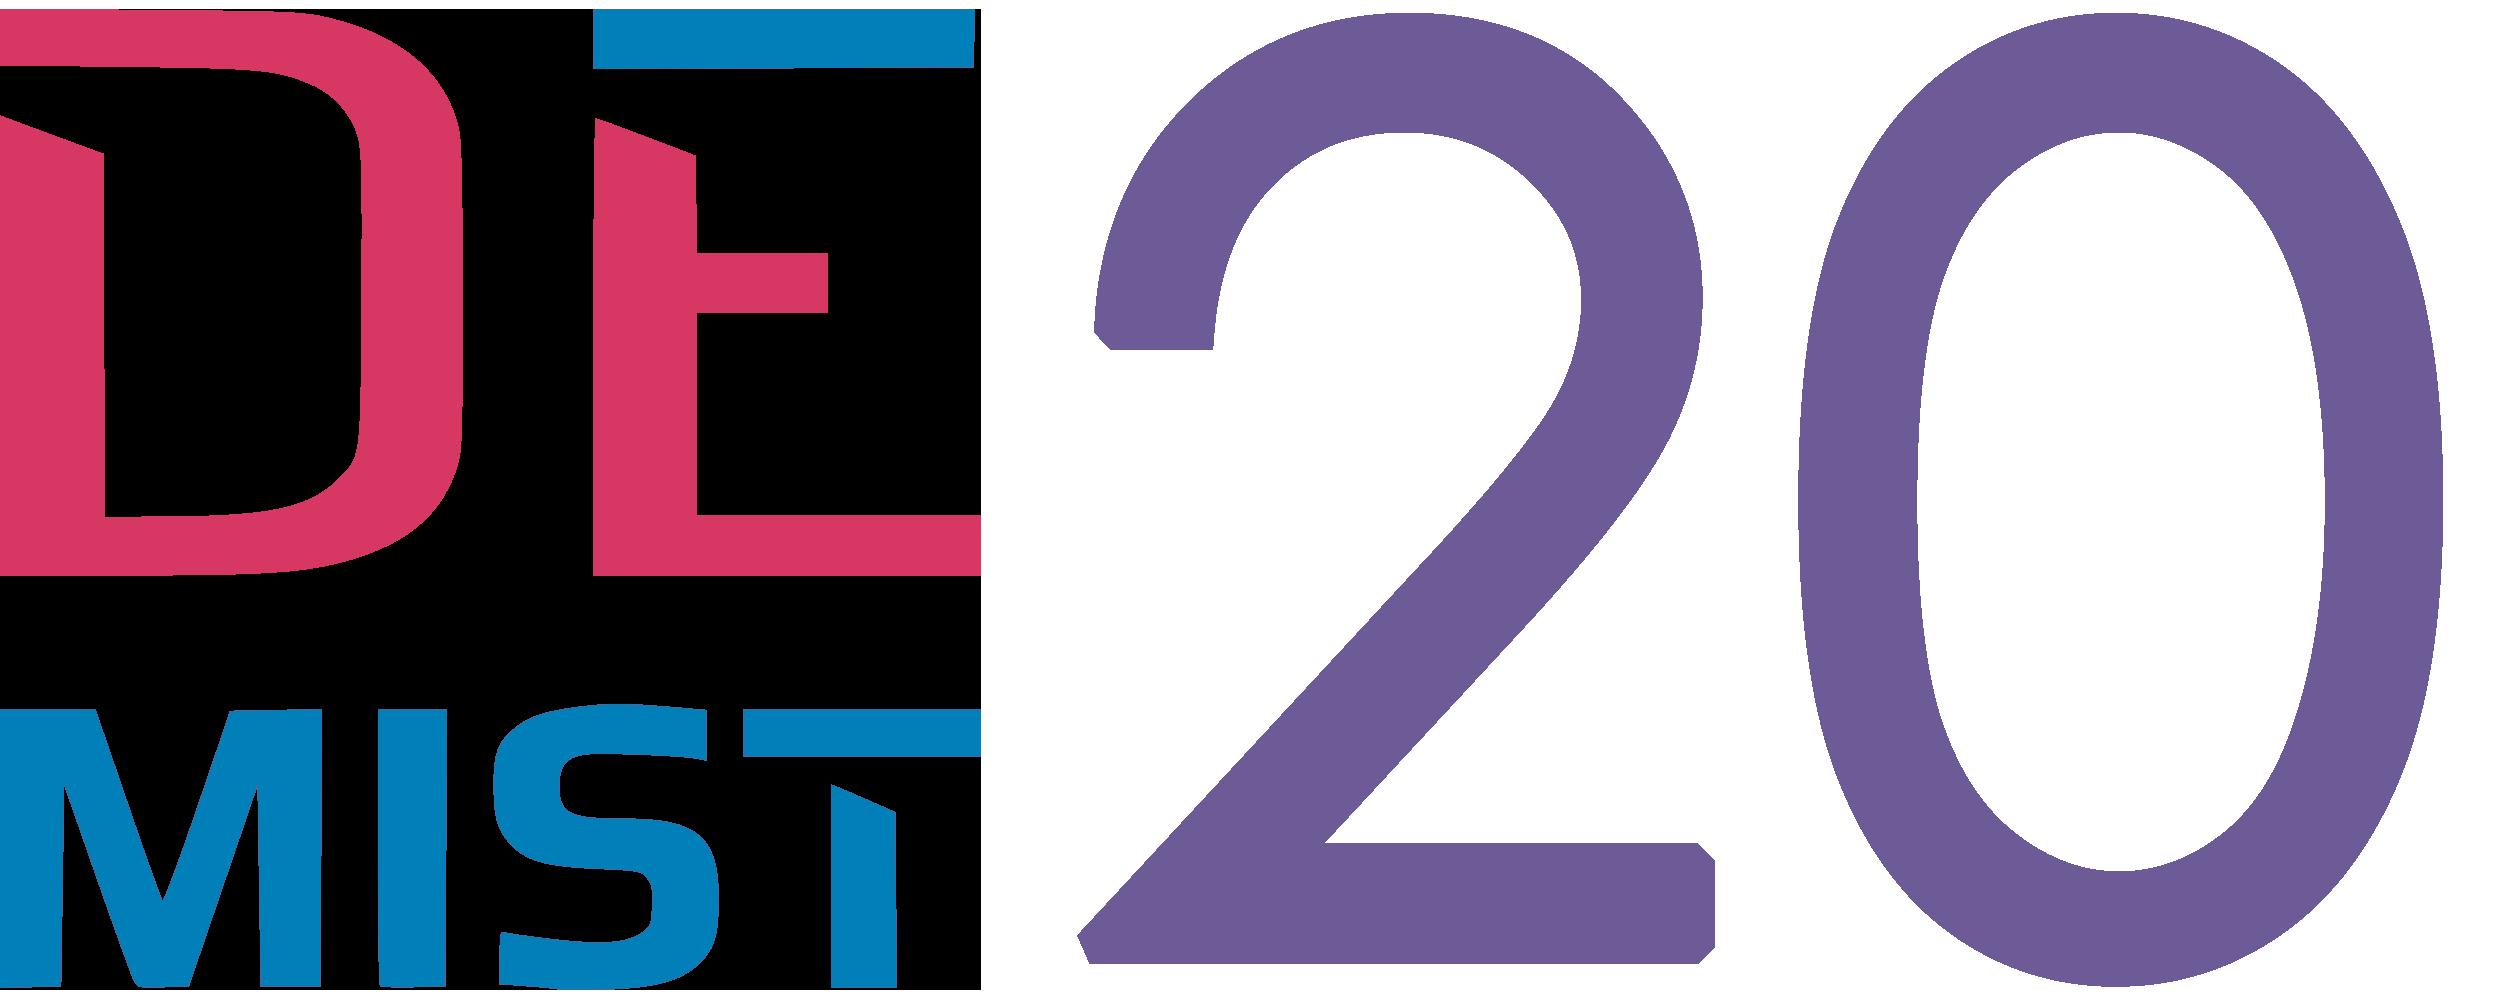 logo konferencji DEMIST 2020